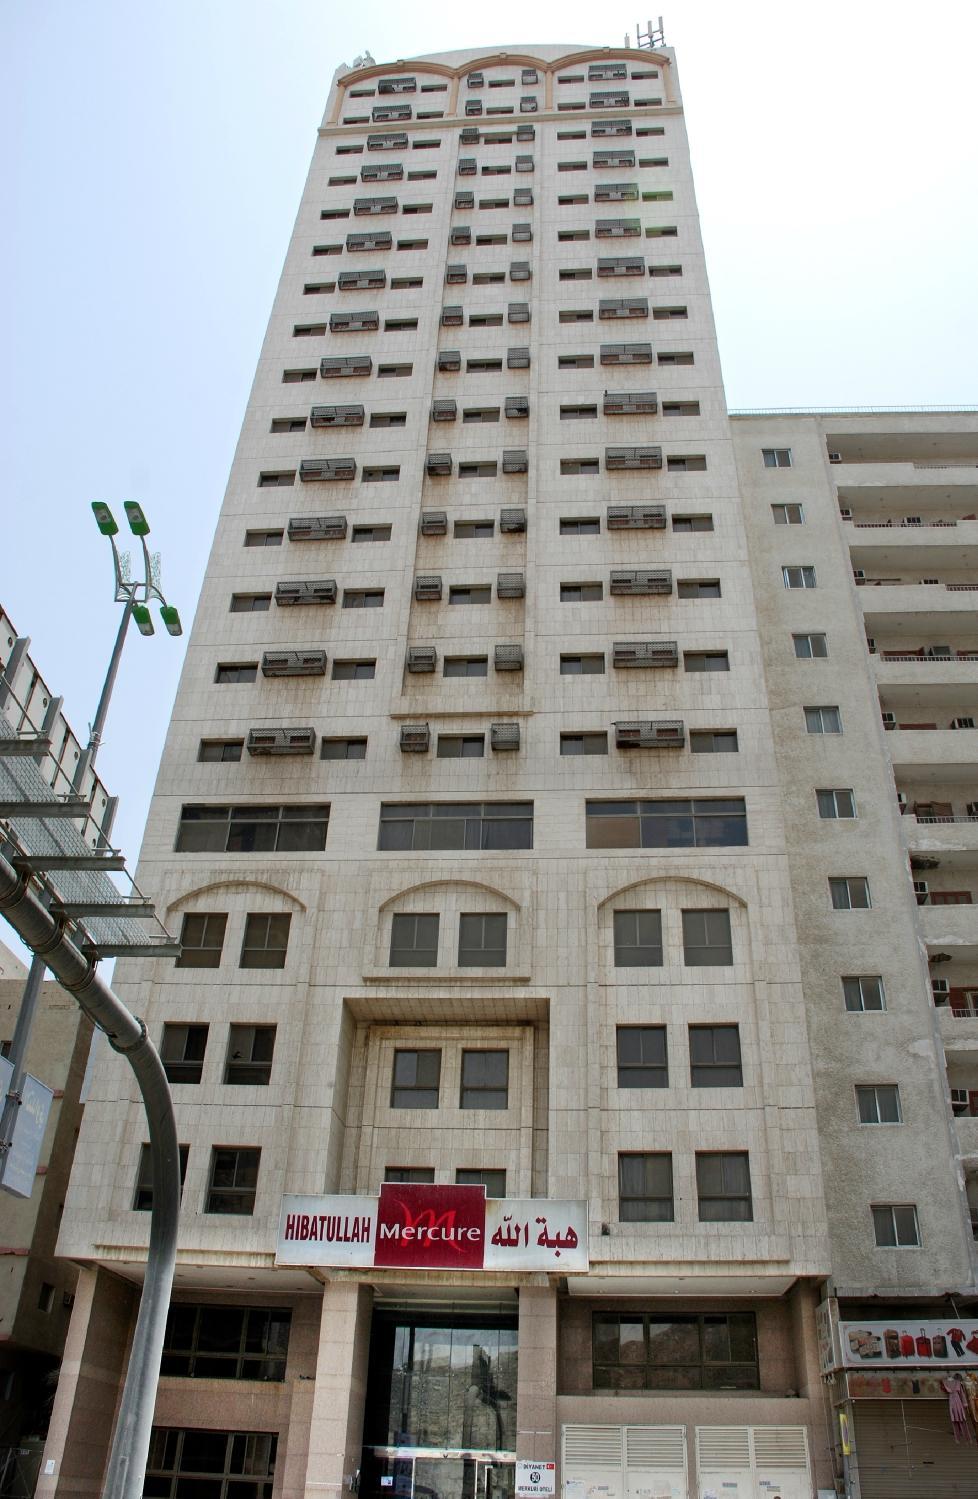 Mercure hibatullah makkah la mecque voir les tarifs et avis h tel tripa - Les hotels de la mecque ...